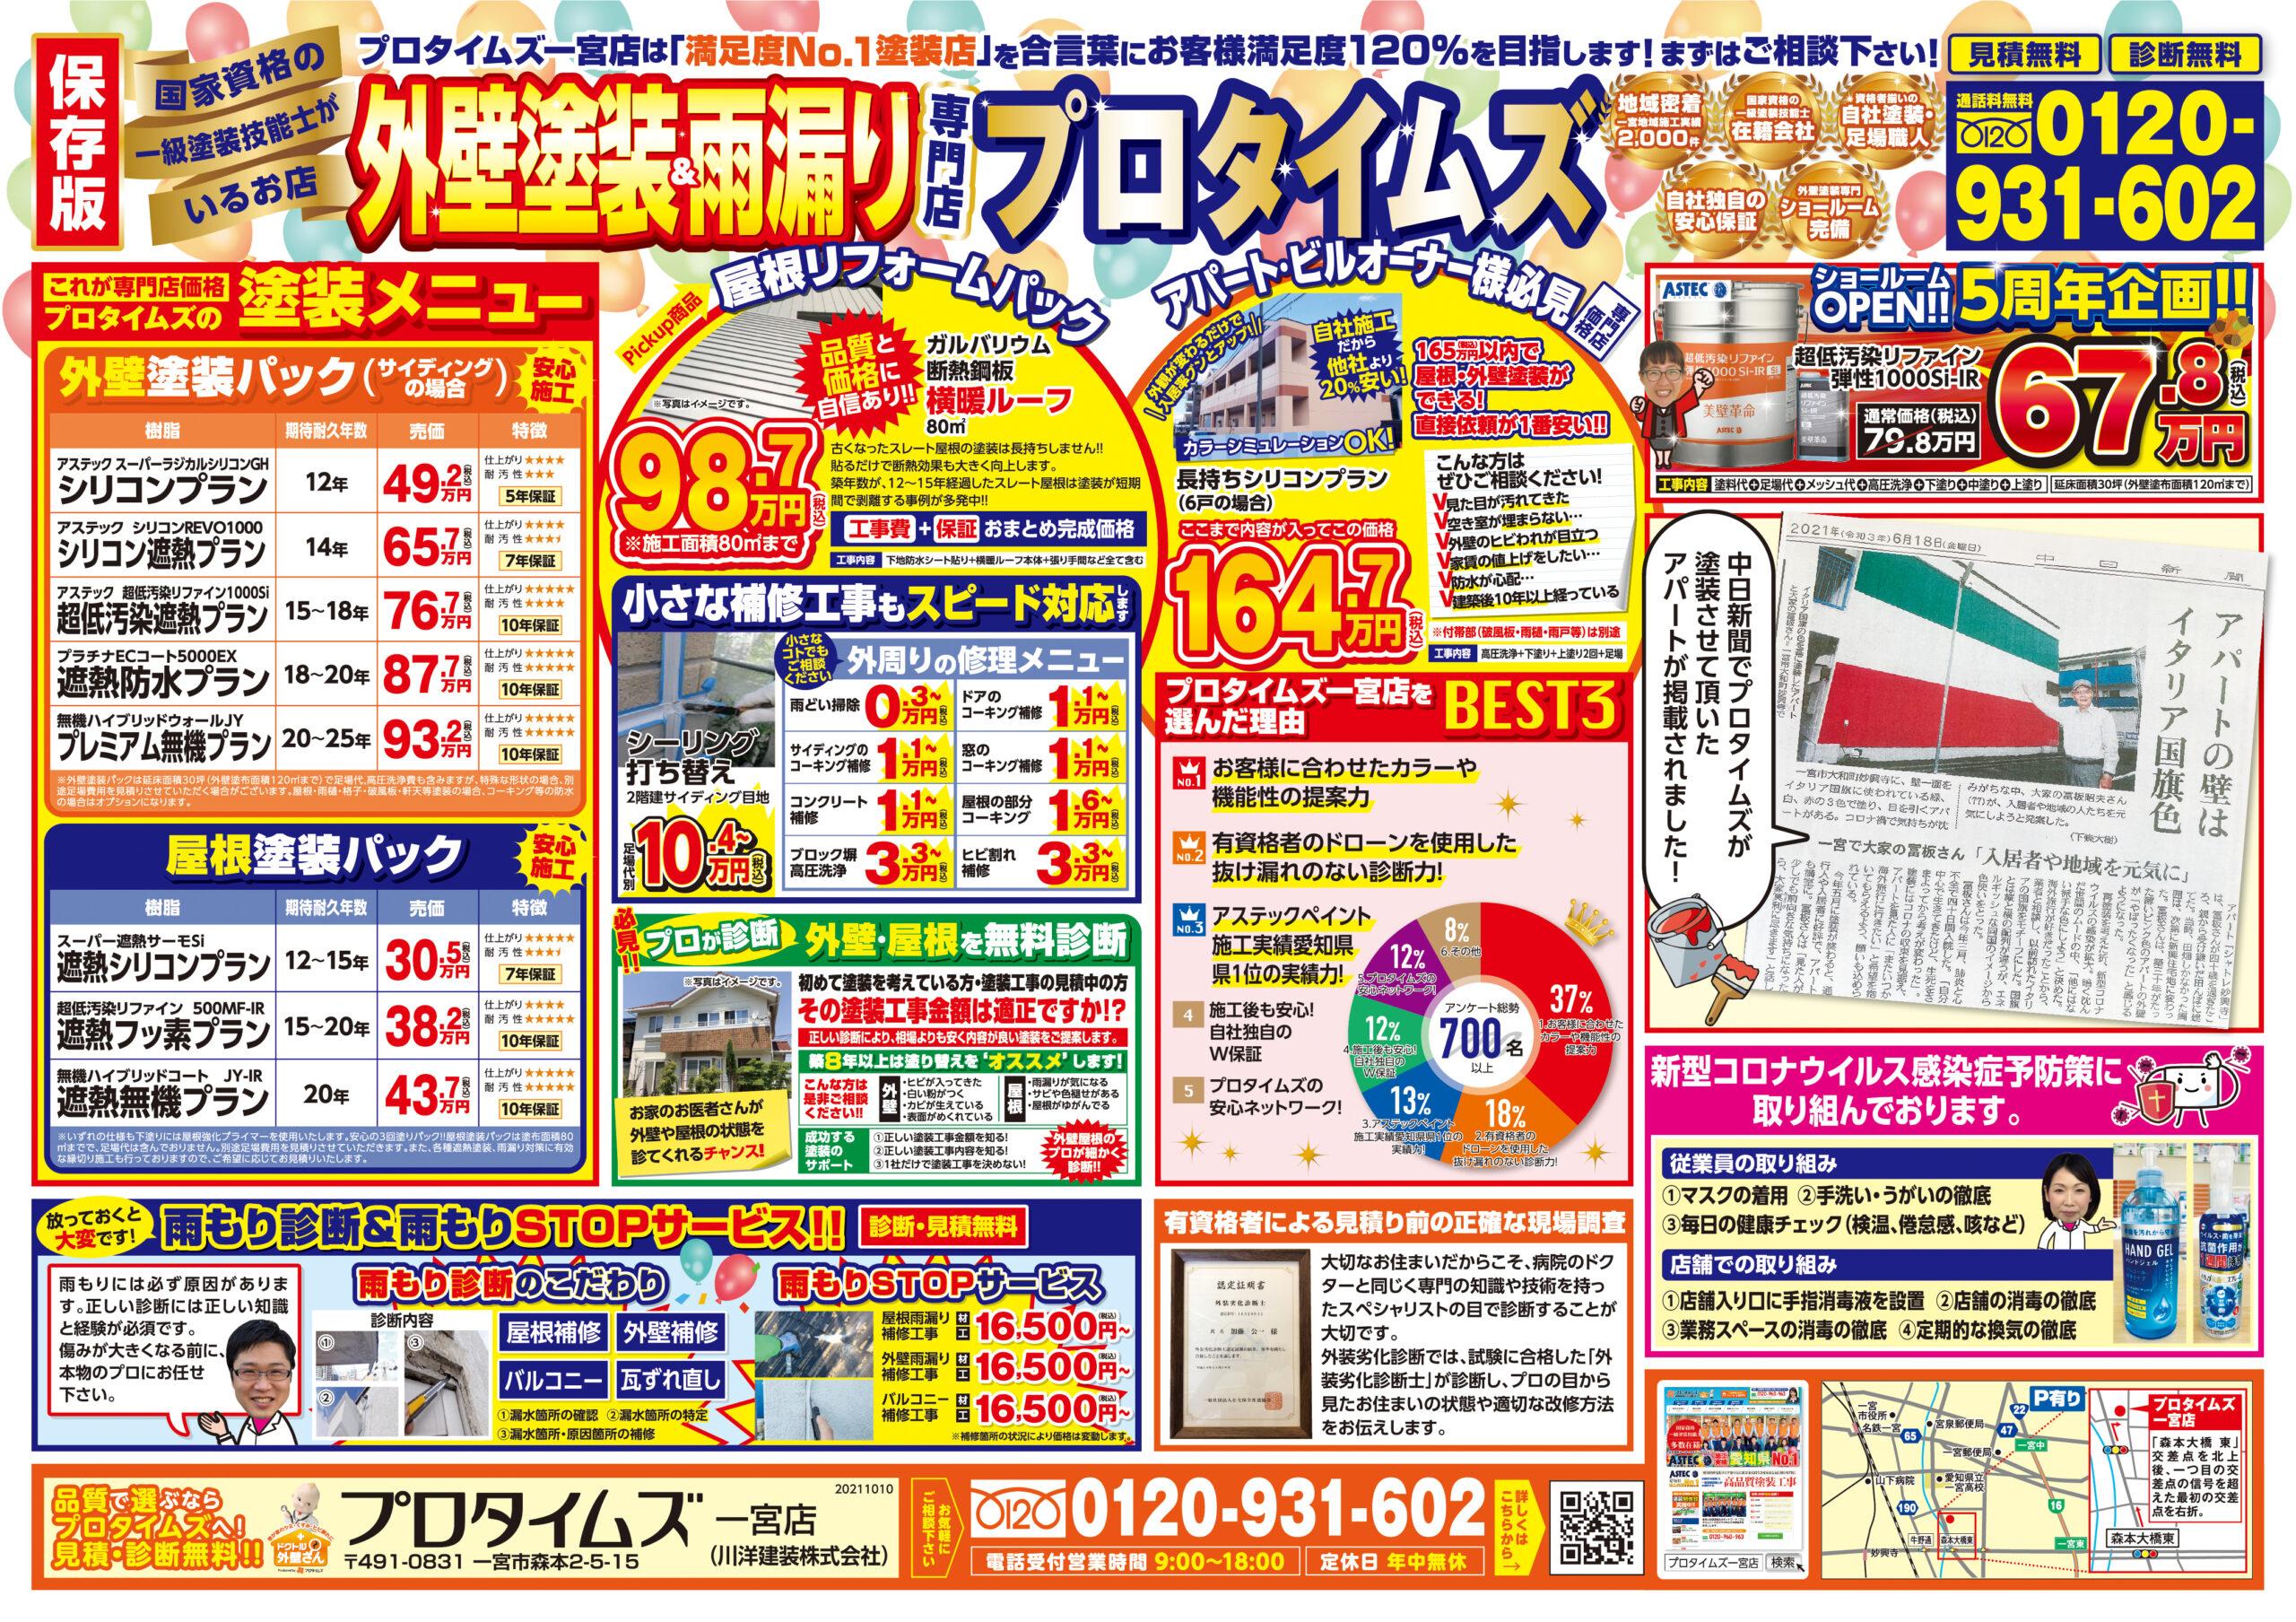 20211010折込みちらし2【一宮店】